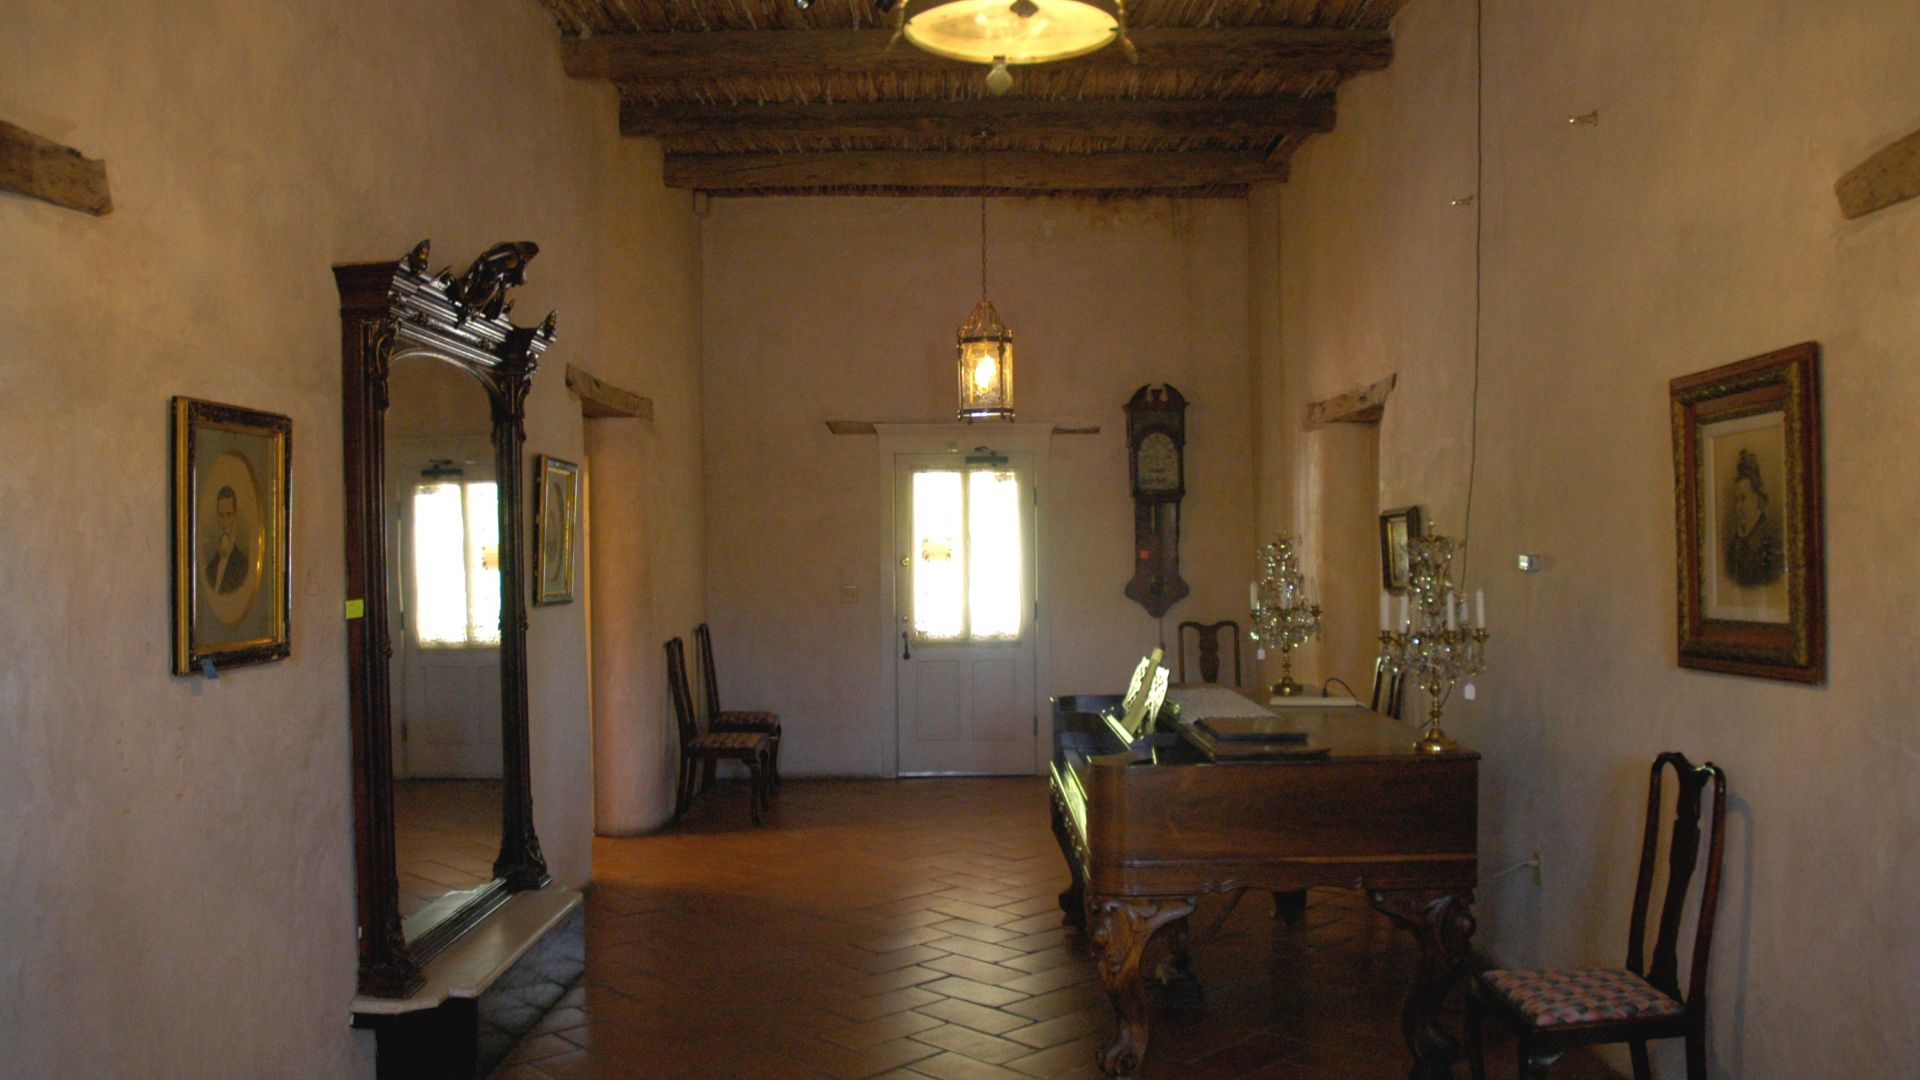 Arizona History Museum